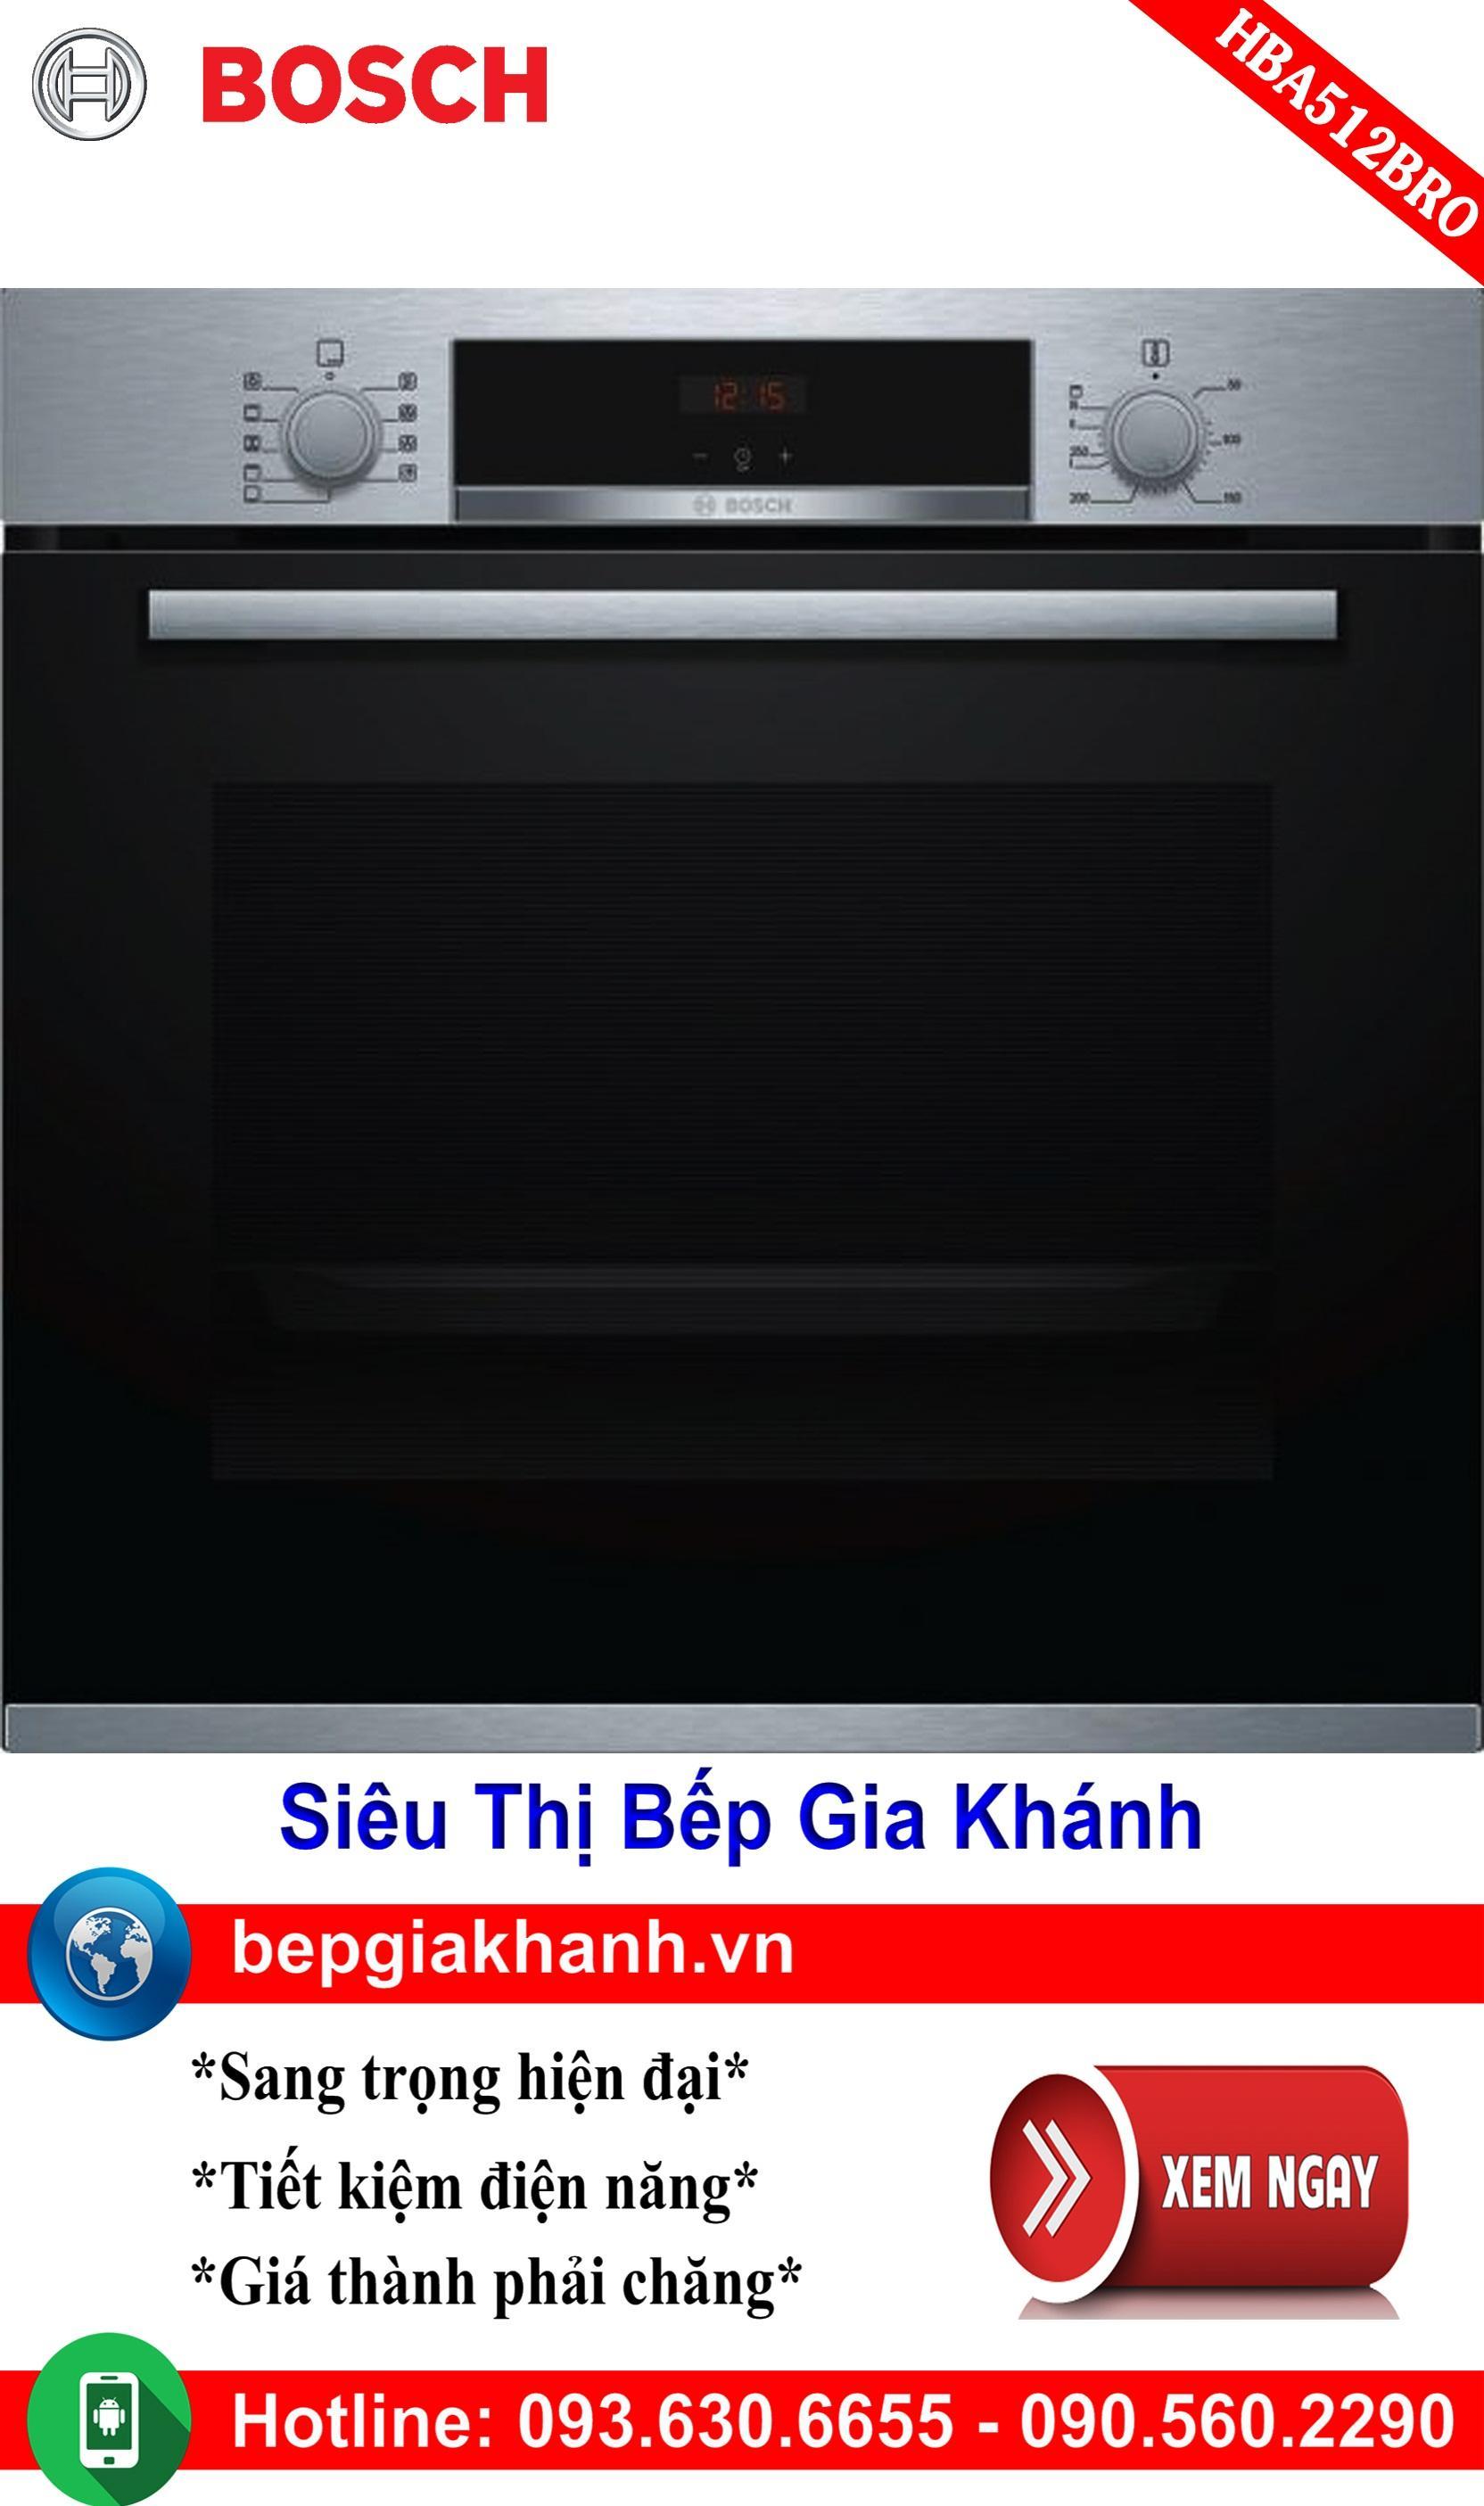 Lò nướng điện đa năng Bosch HBA512BRO, lò nướng điện, lò nướng bánh, lò nướng thủy tinh, lò nướng bánh mì, lò nướng bánh bông lan